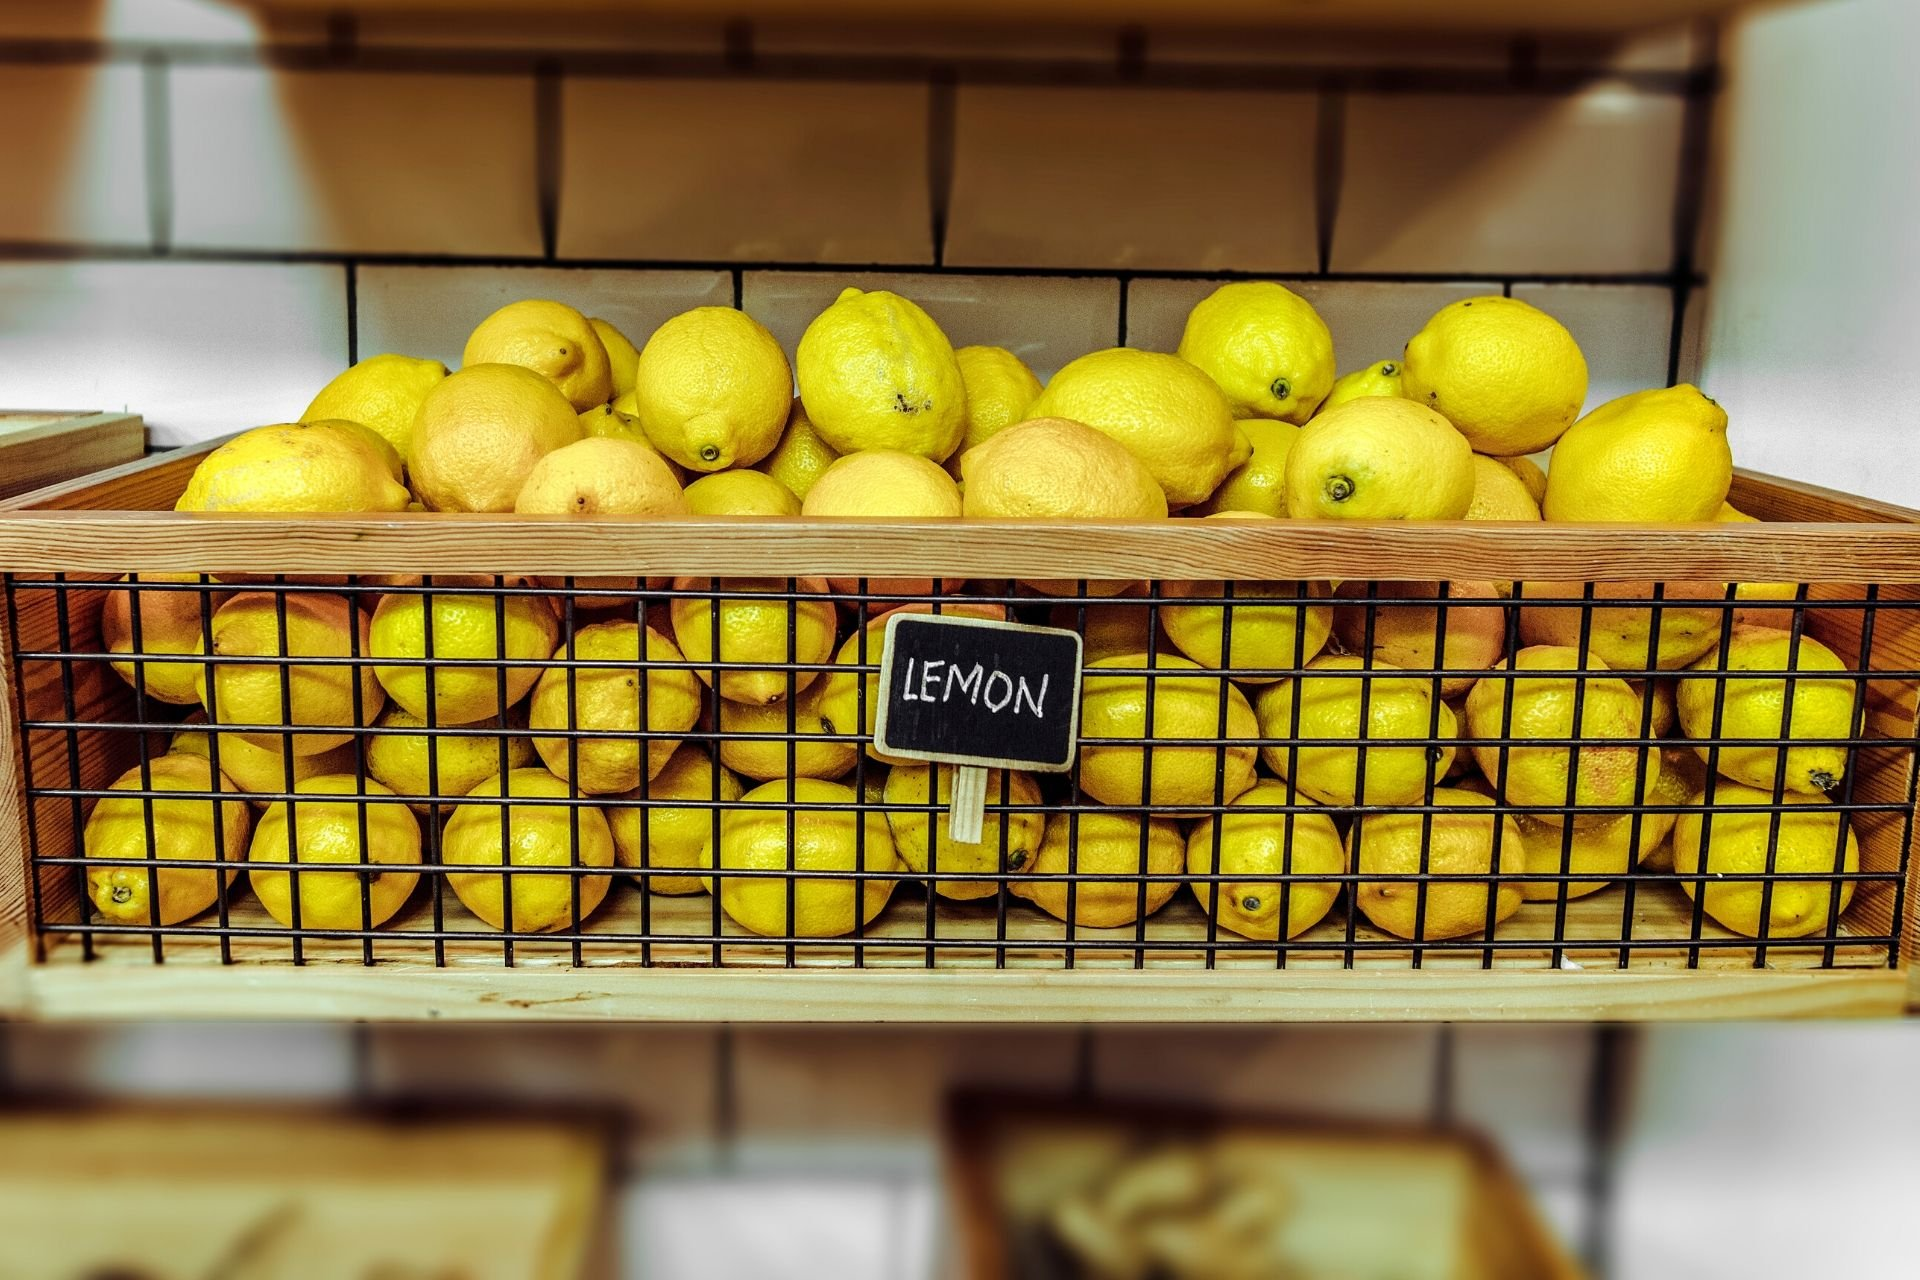 une caisse de citron de menton